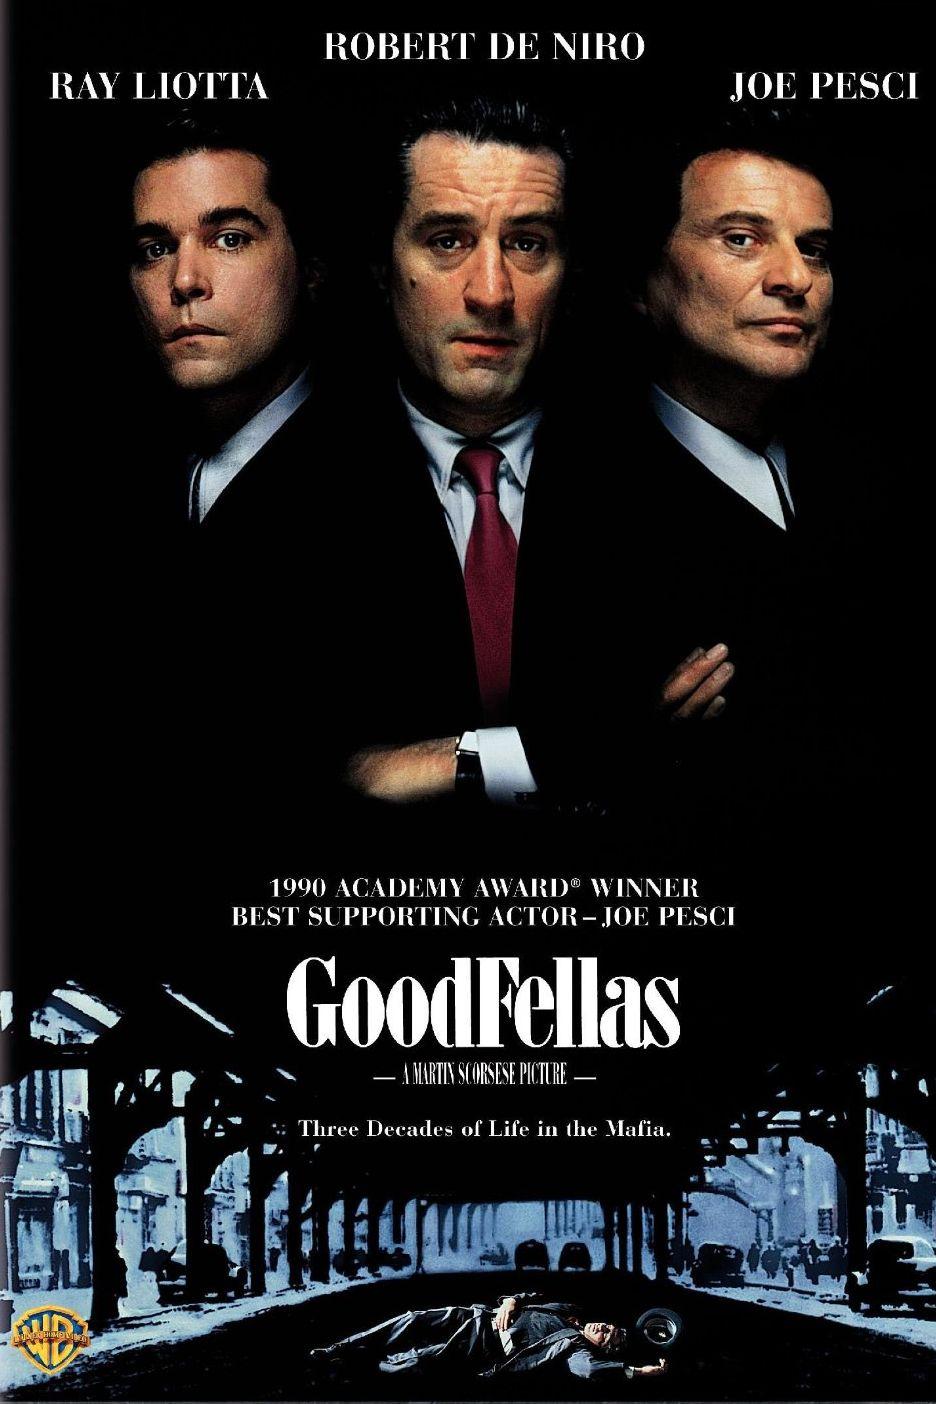 """""""Добри момчета"""" (1990) Филмът на Мартин Скорсезе е по книгата на Николас Пеледжи """"Умникът"""", който освен продуцент и сценарист, е и много добър писател на криминални документални книги. """"Умникът"""" разказва за живота на мафиота Хенри Хил, който обаче става """"добро момче"""" и започва да информира полицията в Америка за дейността на Коза Ностра. Във филма участват великите Робърт де Ниро, Рей Лиота и Джо Пеши."""